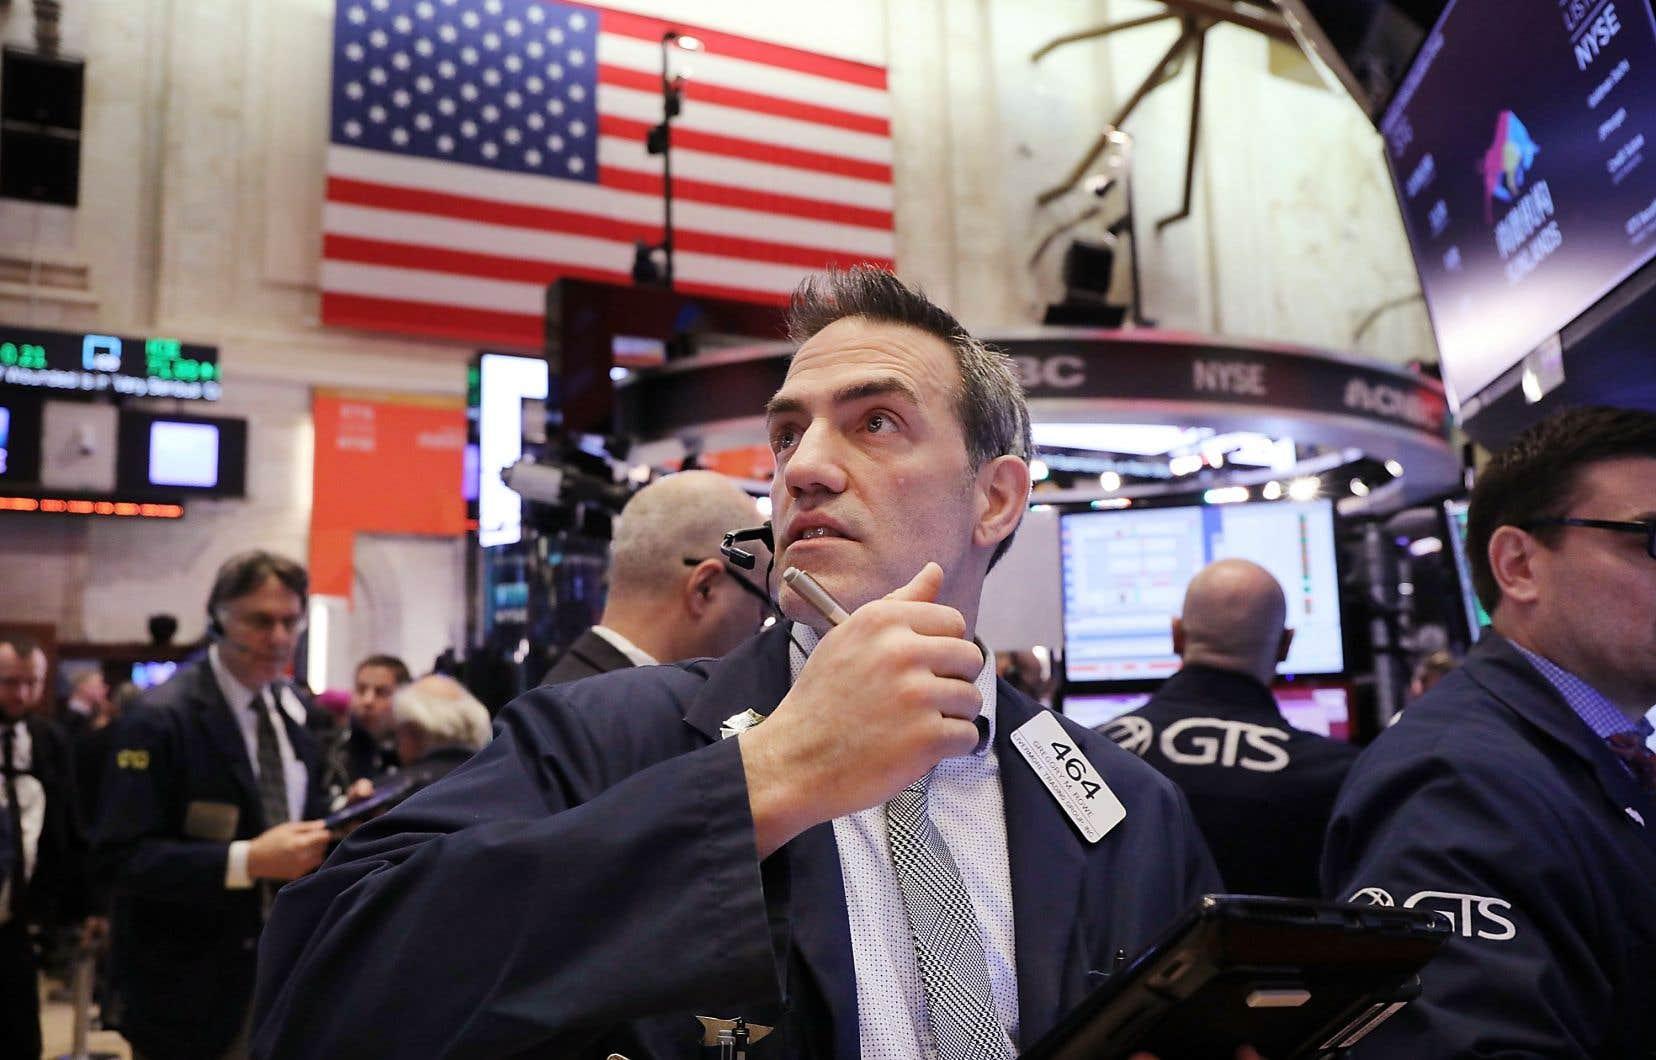 Bien que l'économie américaine soit en «excellente condition» selon le président de la Réserve fédérale, des entreprises commencent à retenir leurs investissements par crainte d'une guerre commerciale.